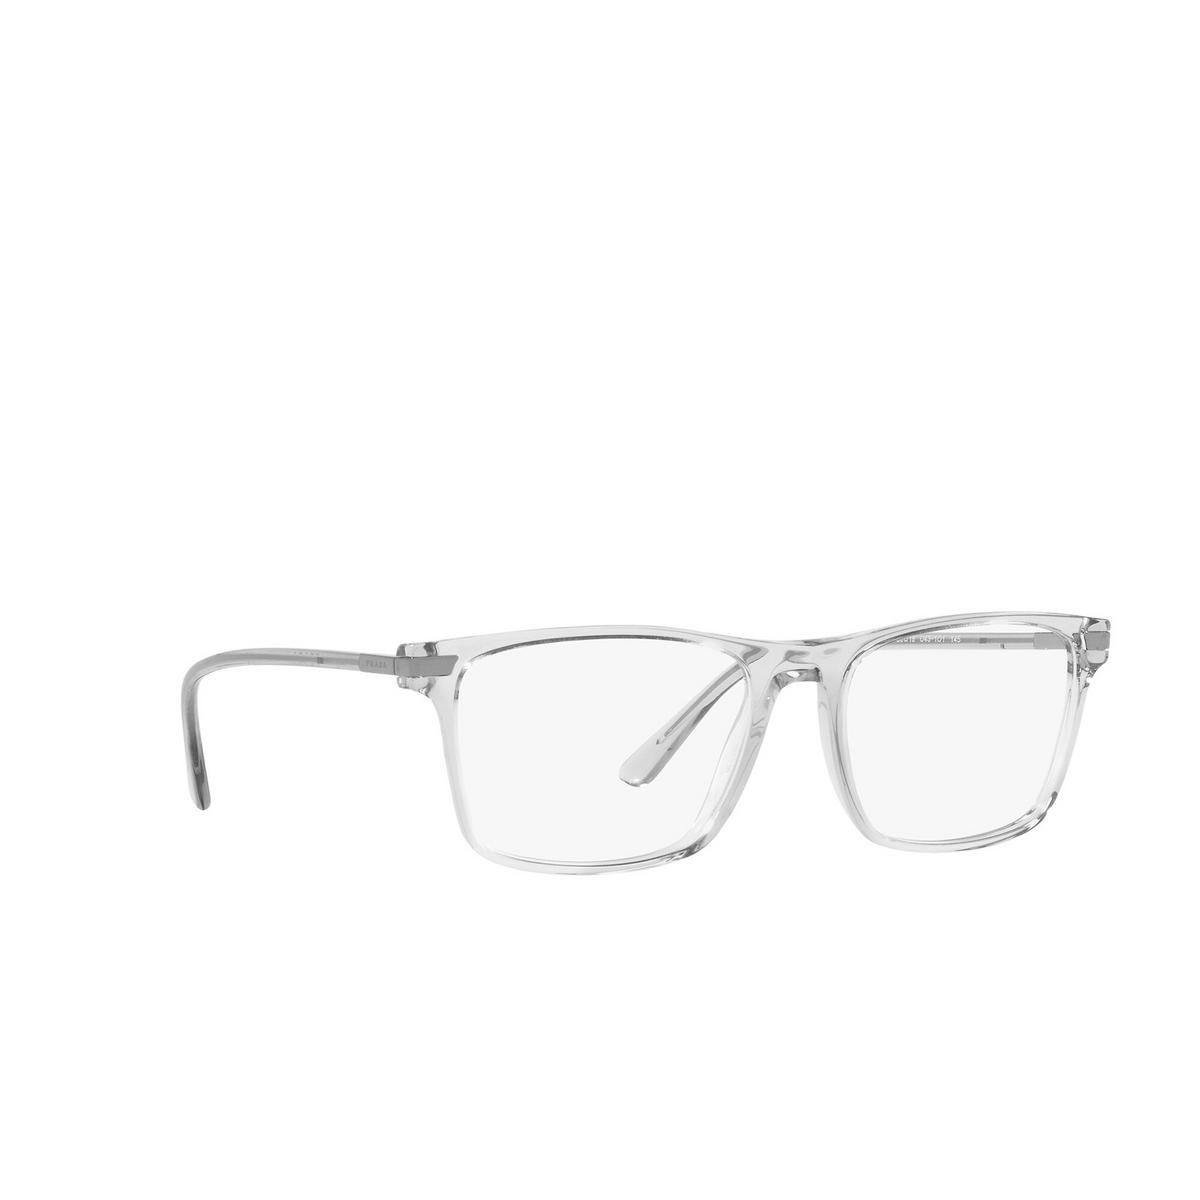 Prada® Rectangle Eyeglasses: PR 01WV color Transparent Grey U431O1 - three-quarters view.